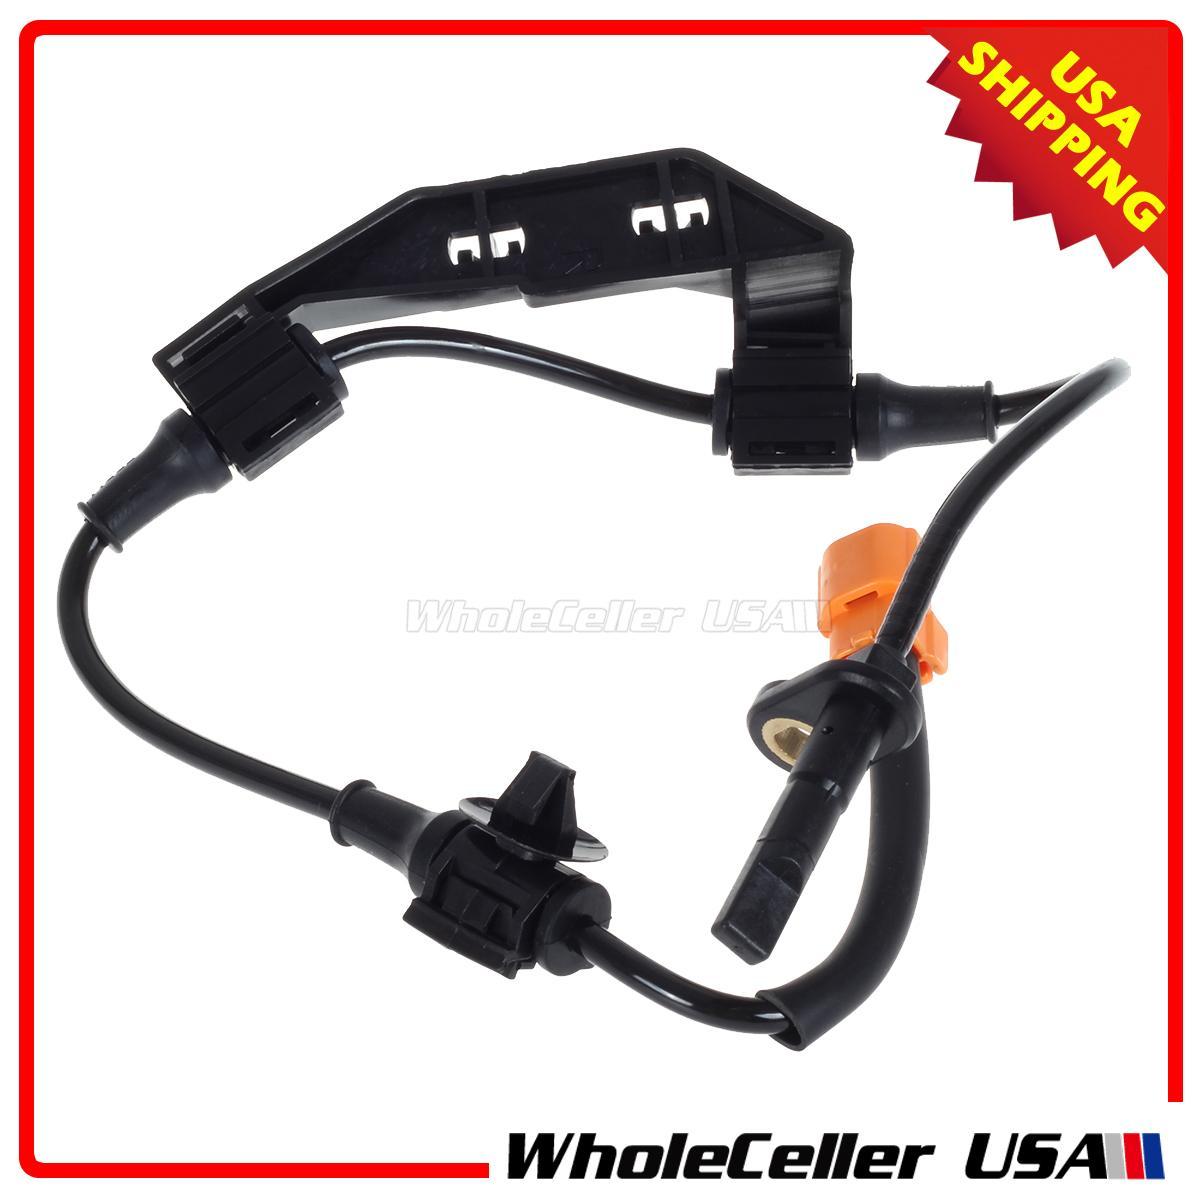 NEW Rear Right ABS Wheel Speed Sensor for 02-06 HONDA CR-V CRV 57470-S9A-013